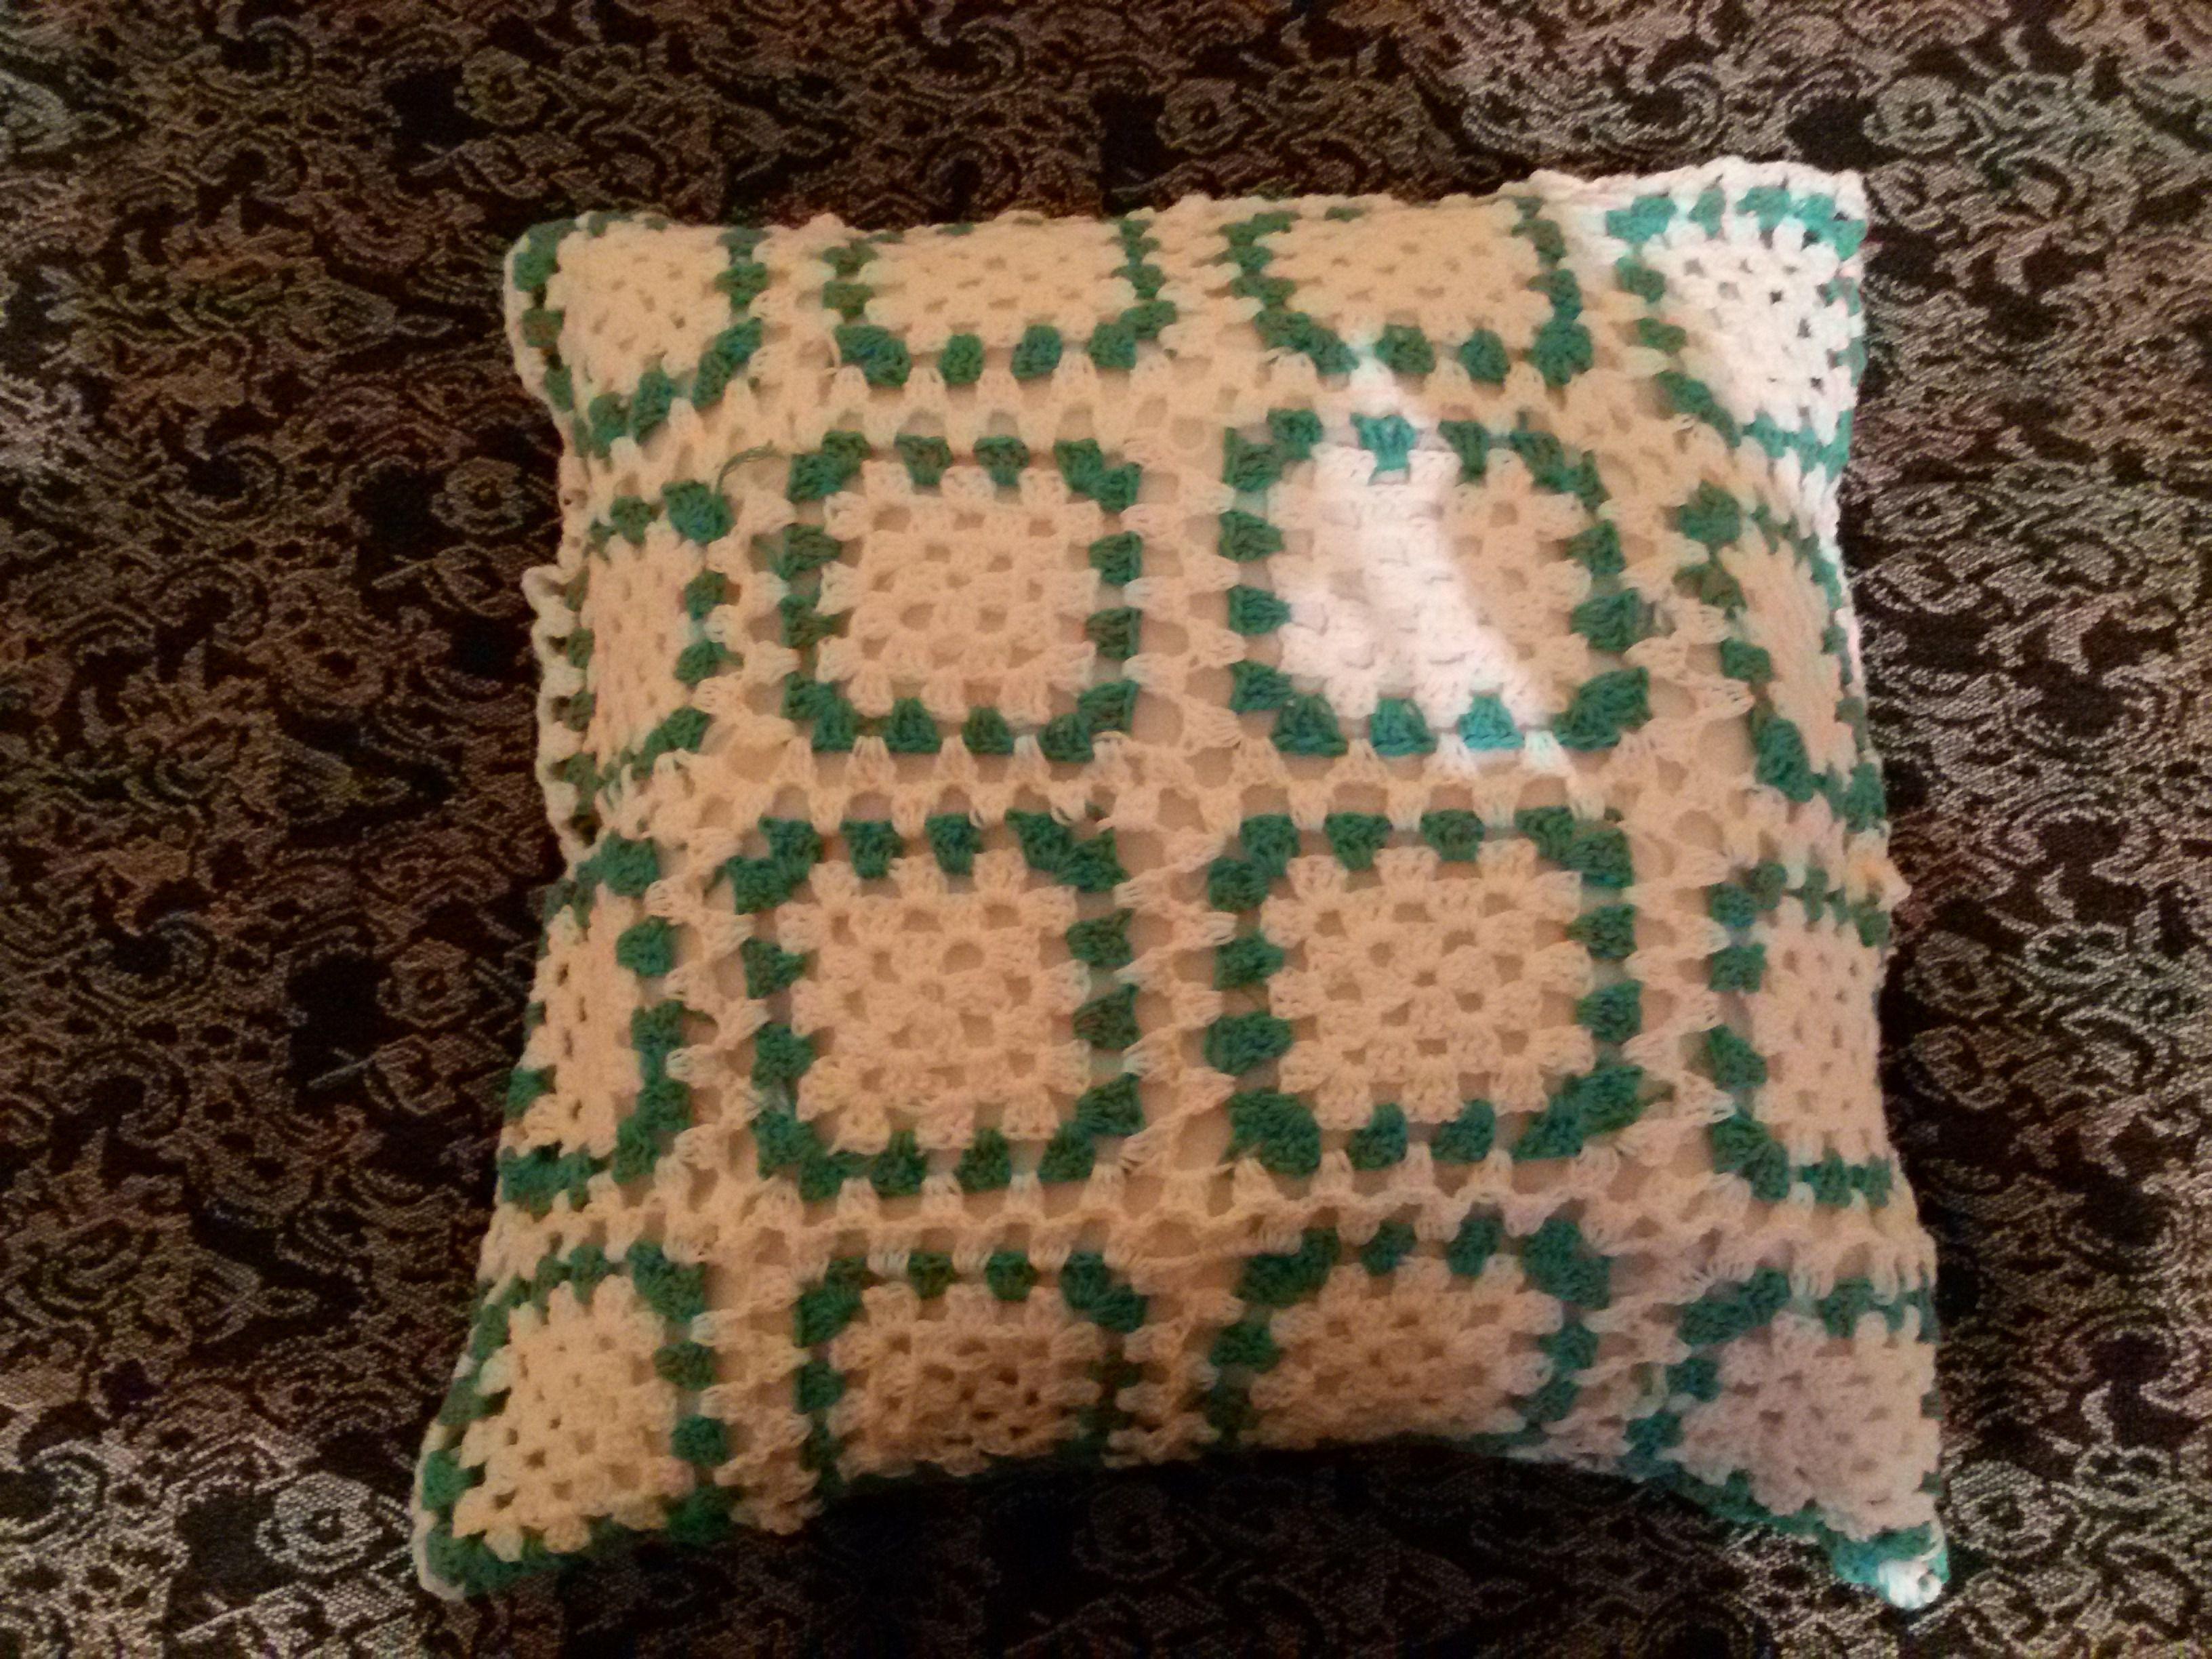 на работы бирюзовый 100 подушку ручная хлопок для ажурный крючком мягкая подушка узор работа интерьера вязаная декоративная ручной недорогой красивая наволочка диван чехол в подарок